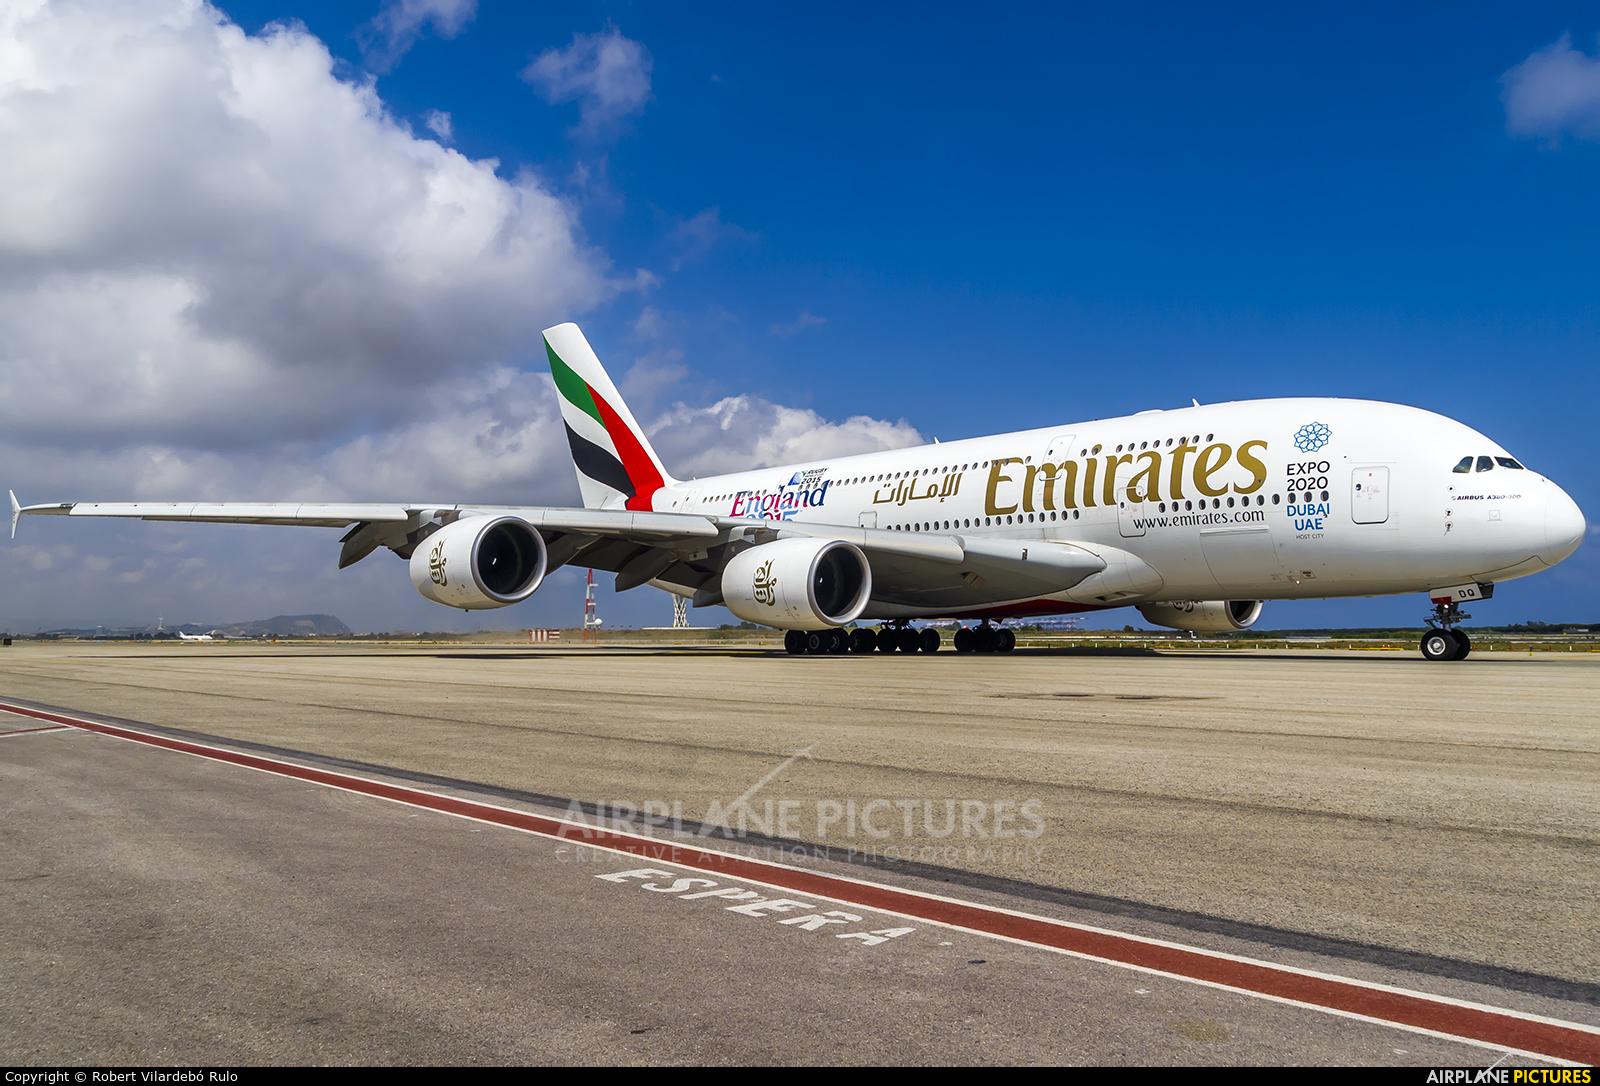 Emirates Airlines A6-EDQ aircraft at Barcelona - El Prat